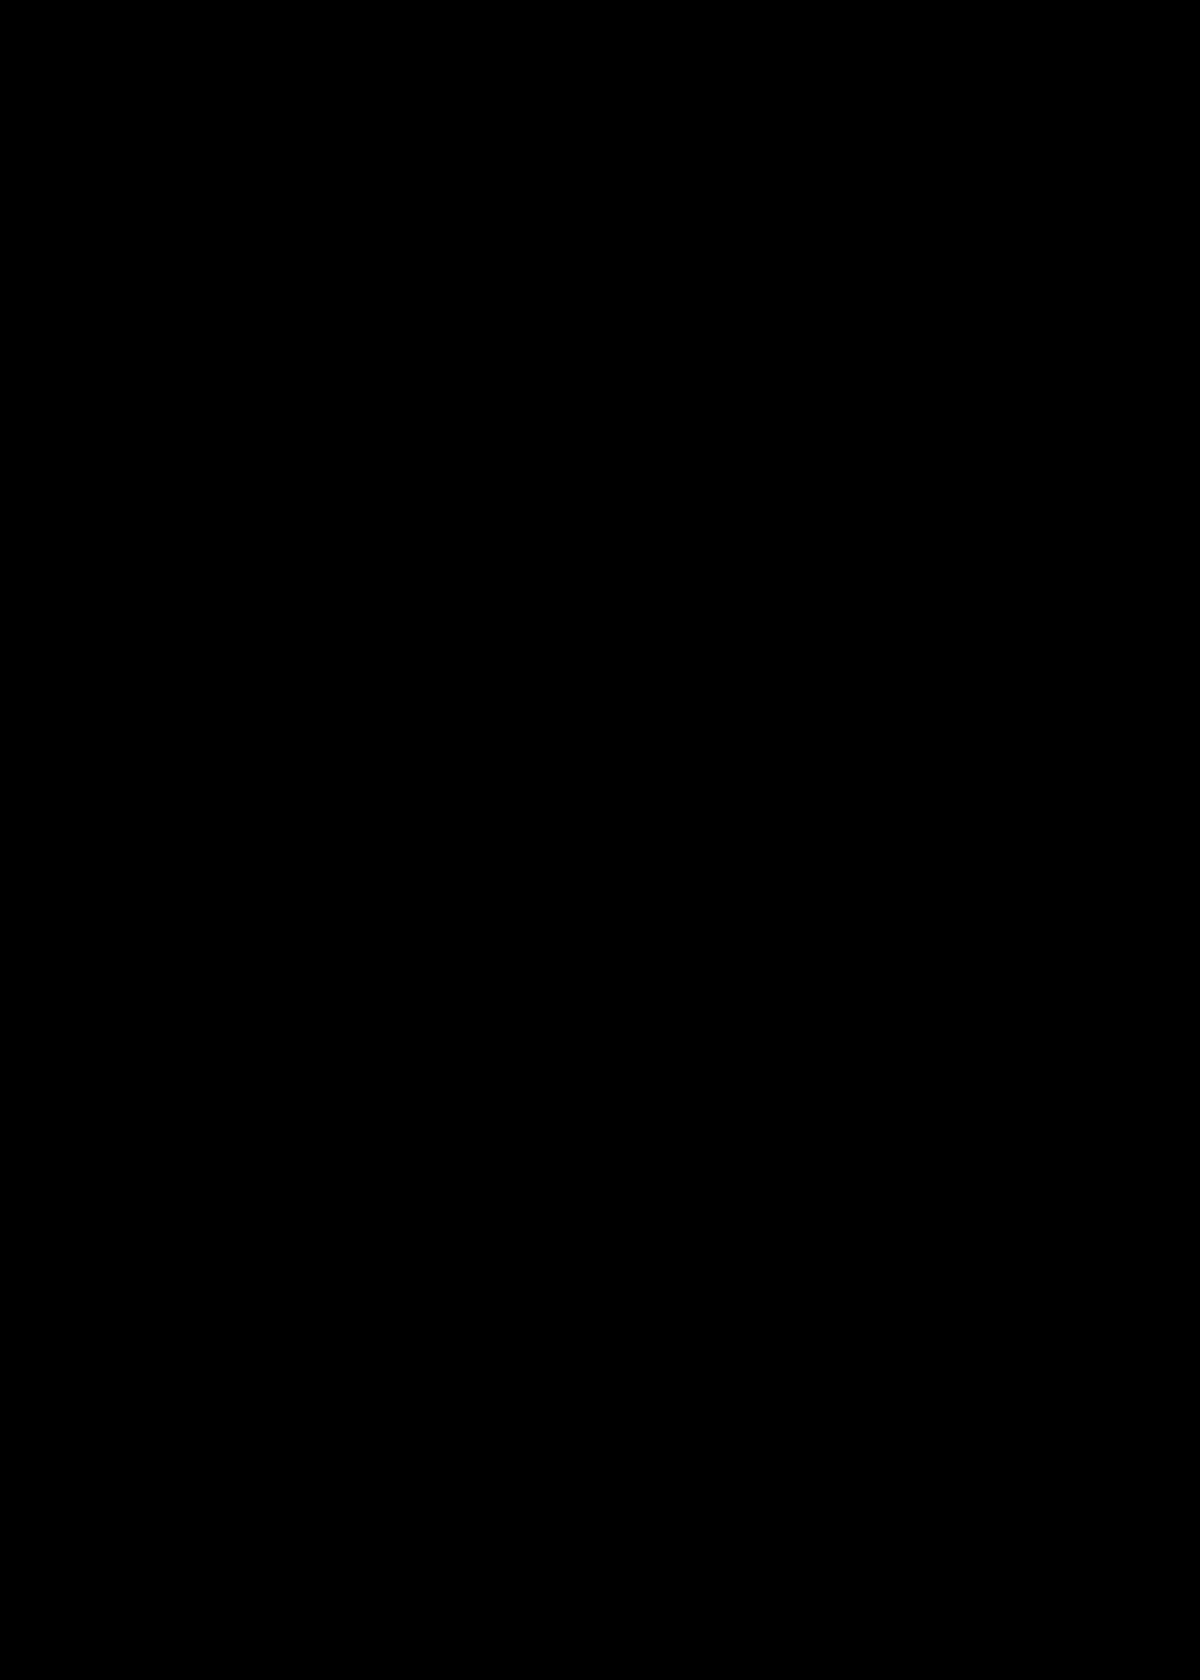 Ley de ohm aplicaciones